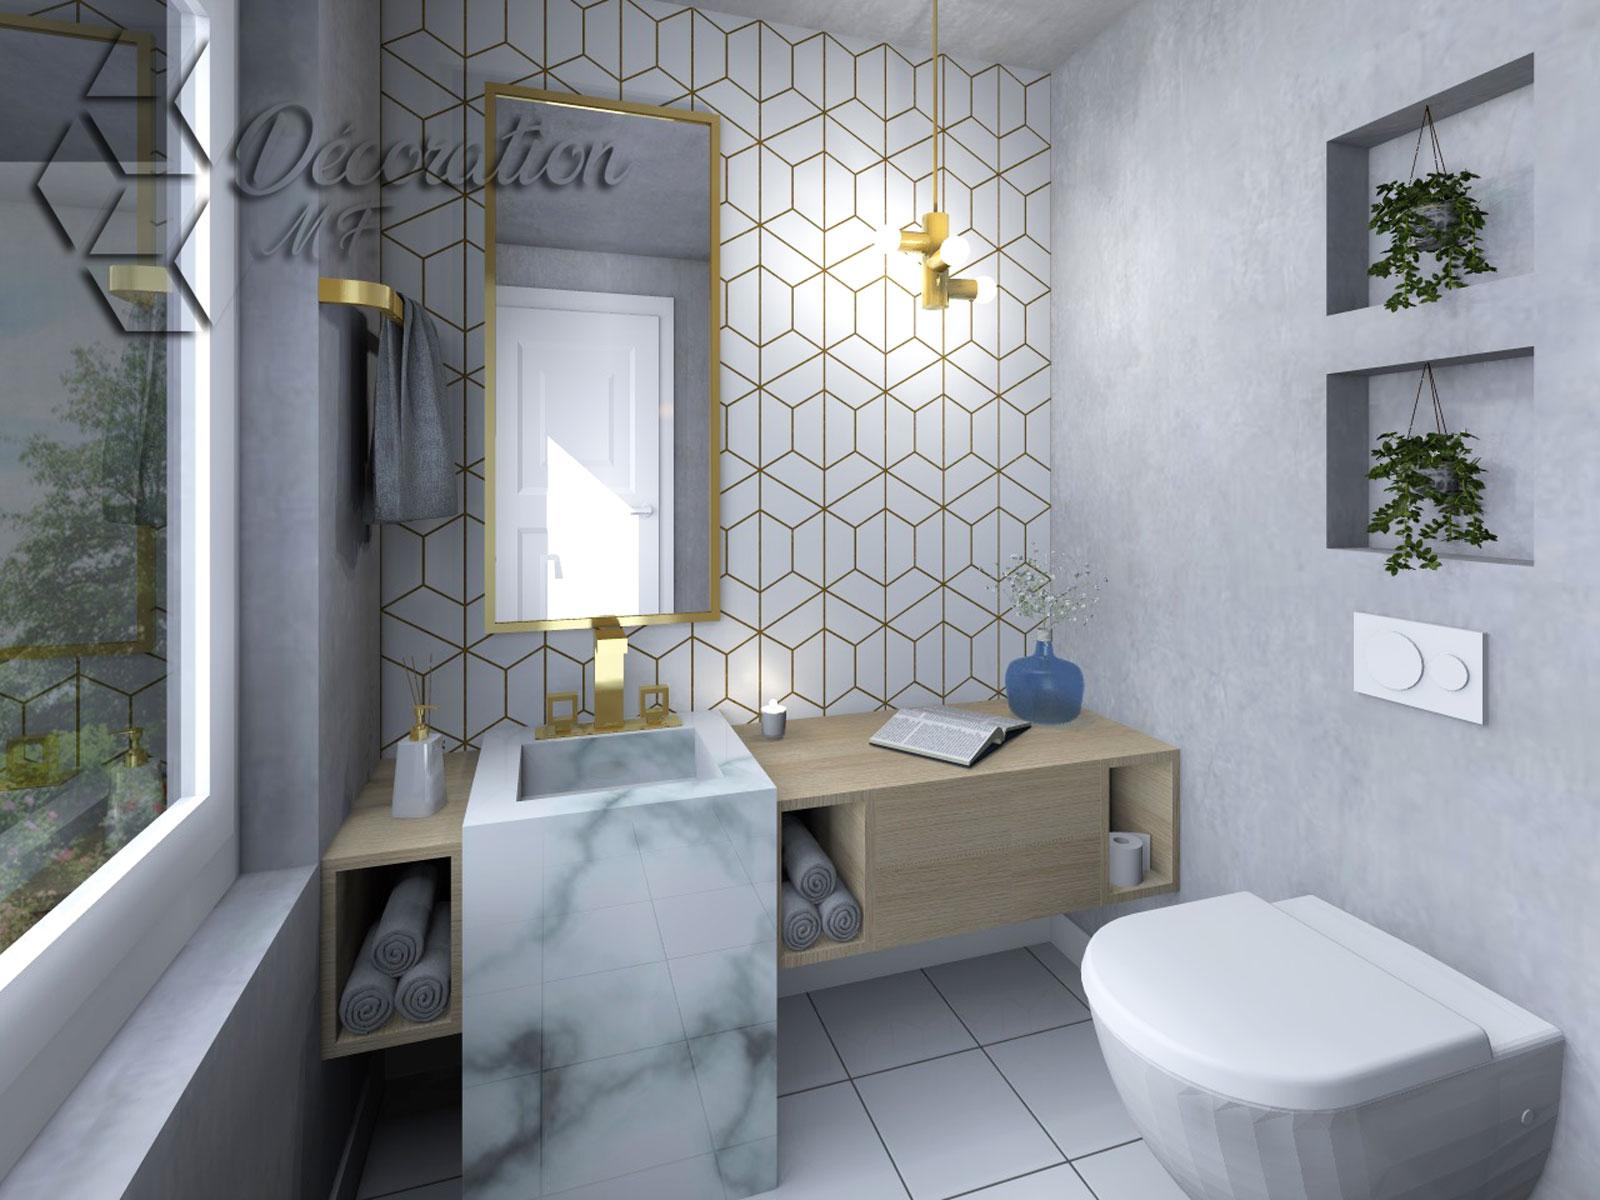 Toilettes-luxe-vue-2-fini